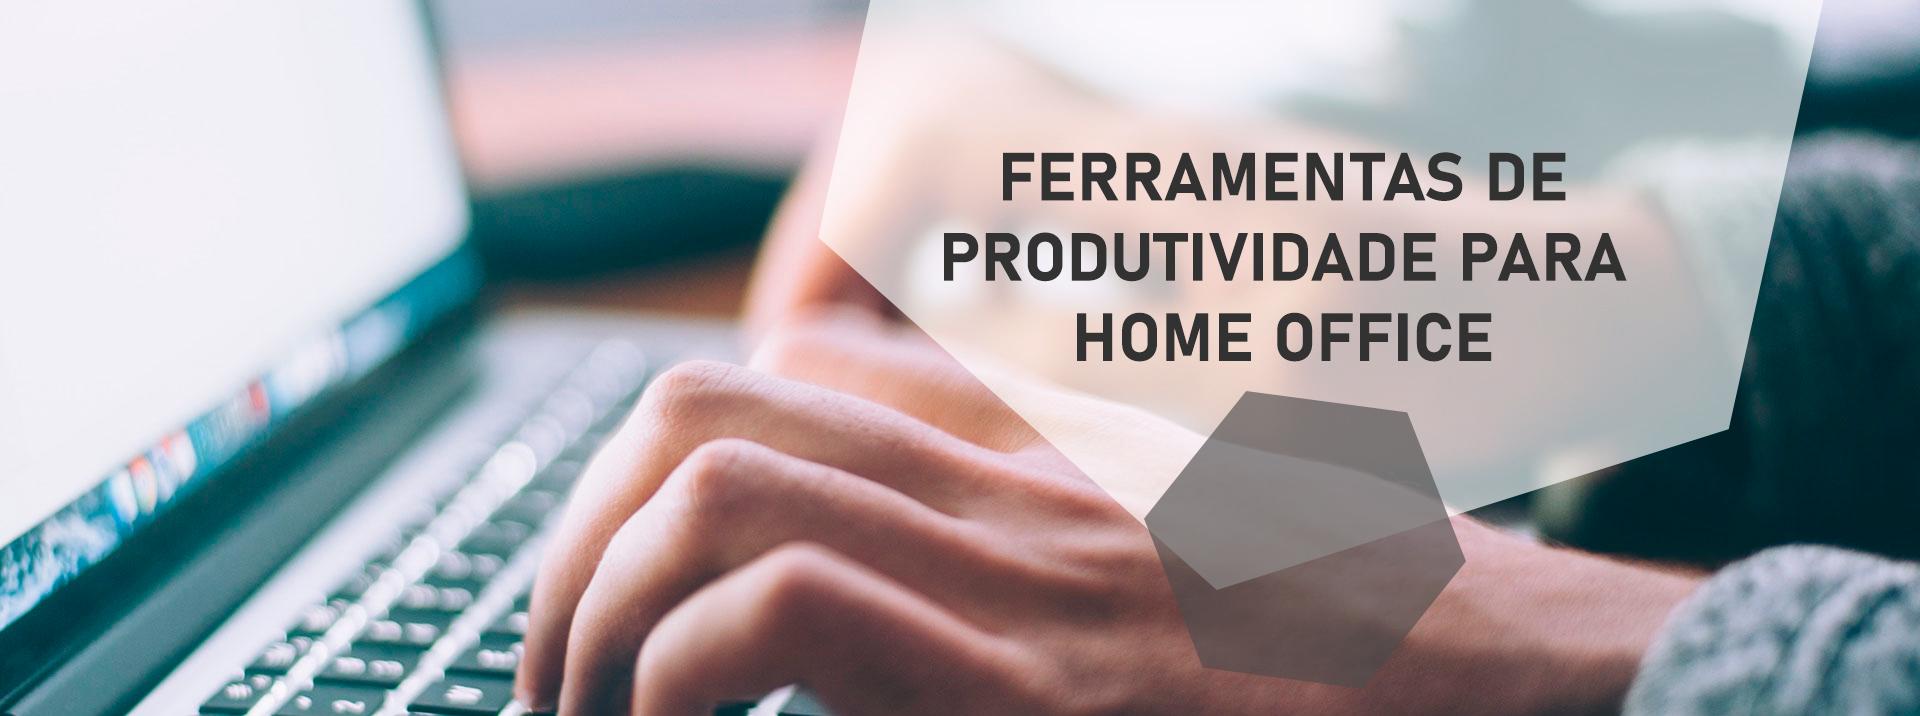 Ferramentas de Produtividade para Home Office